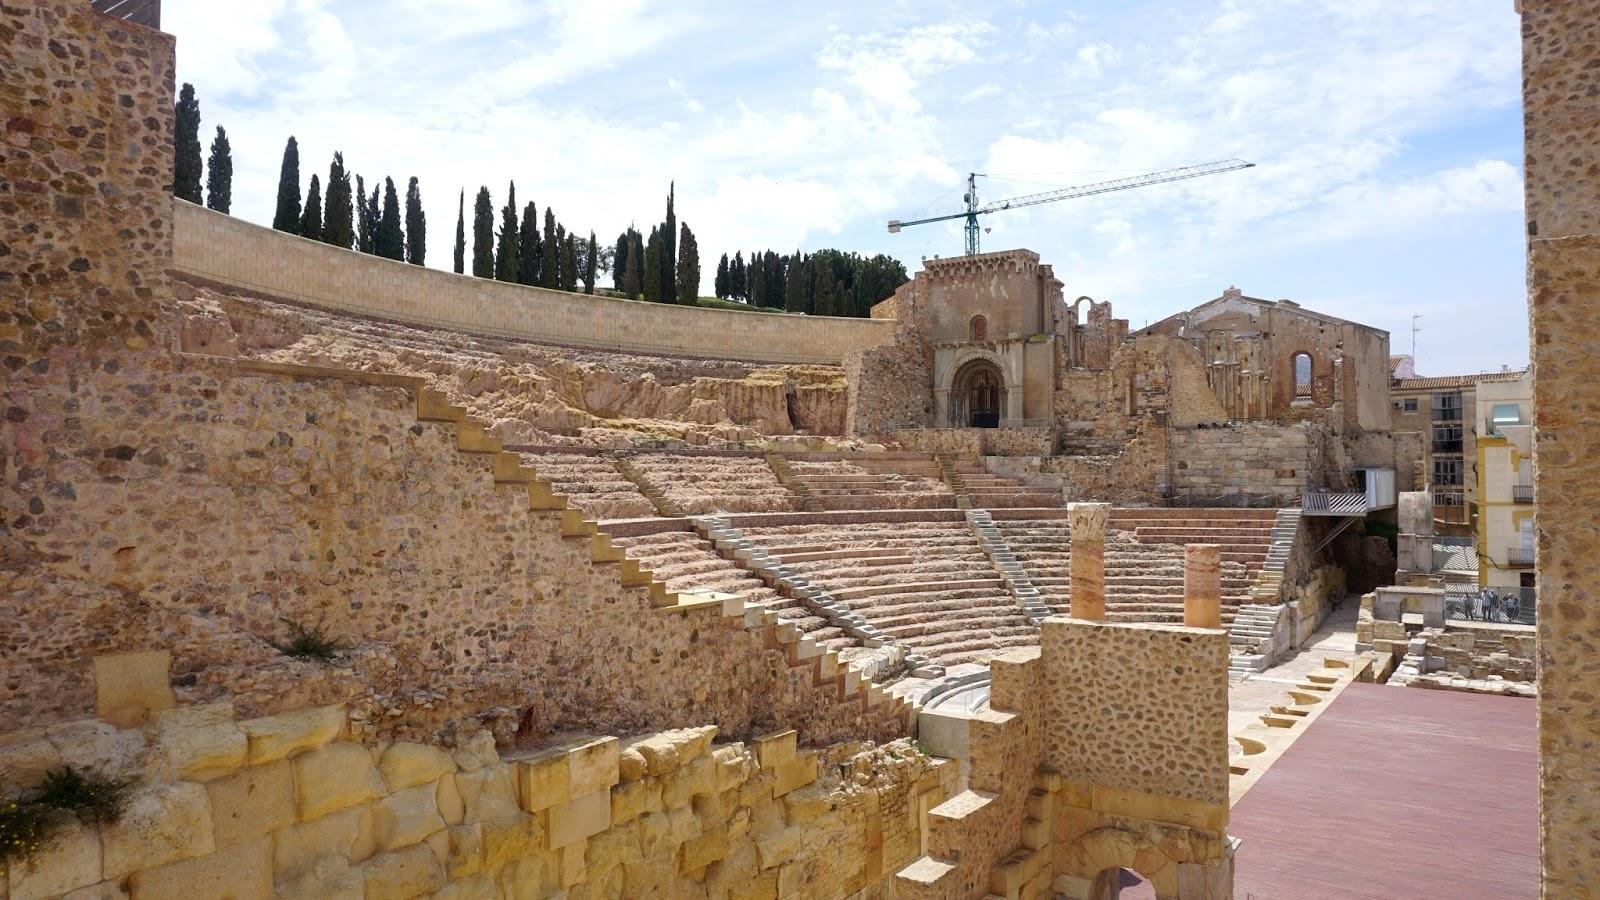 Teatro Romano, Kartagena atrakcje, zabytki z Kartagenie, Hiszpania zabytki, prowincja Murcja,  Costa Calida